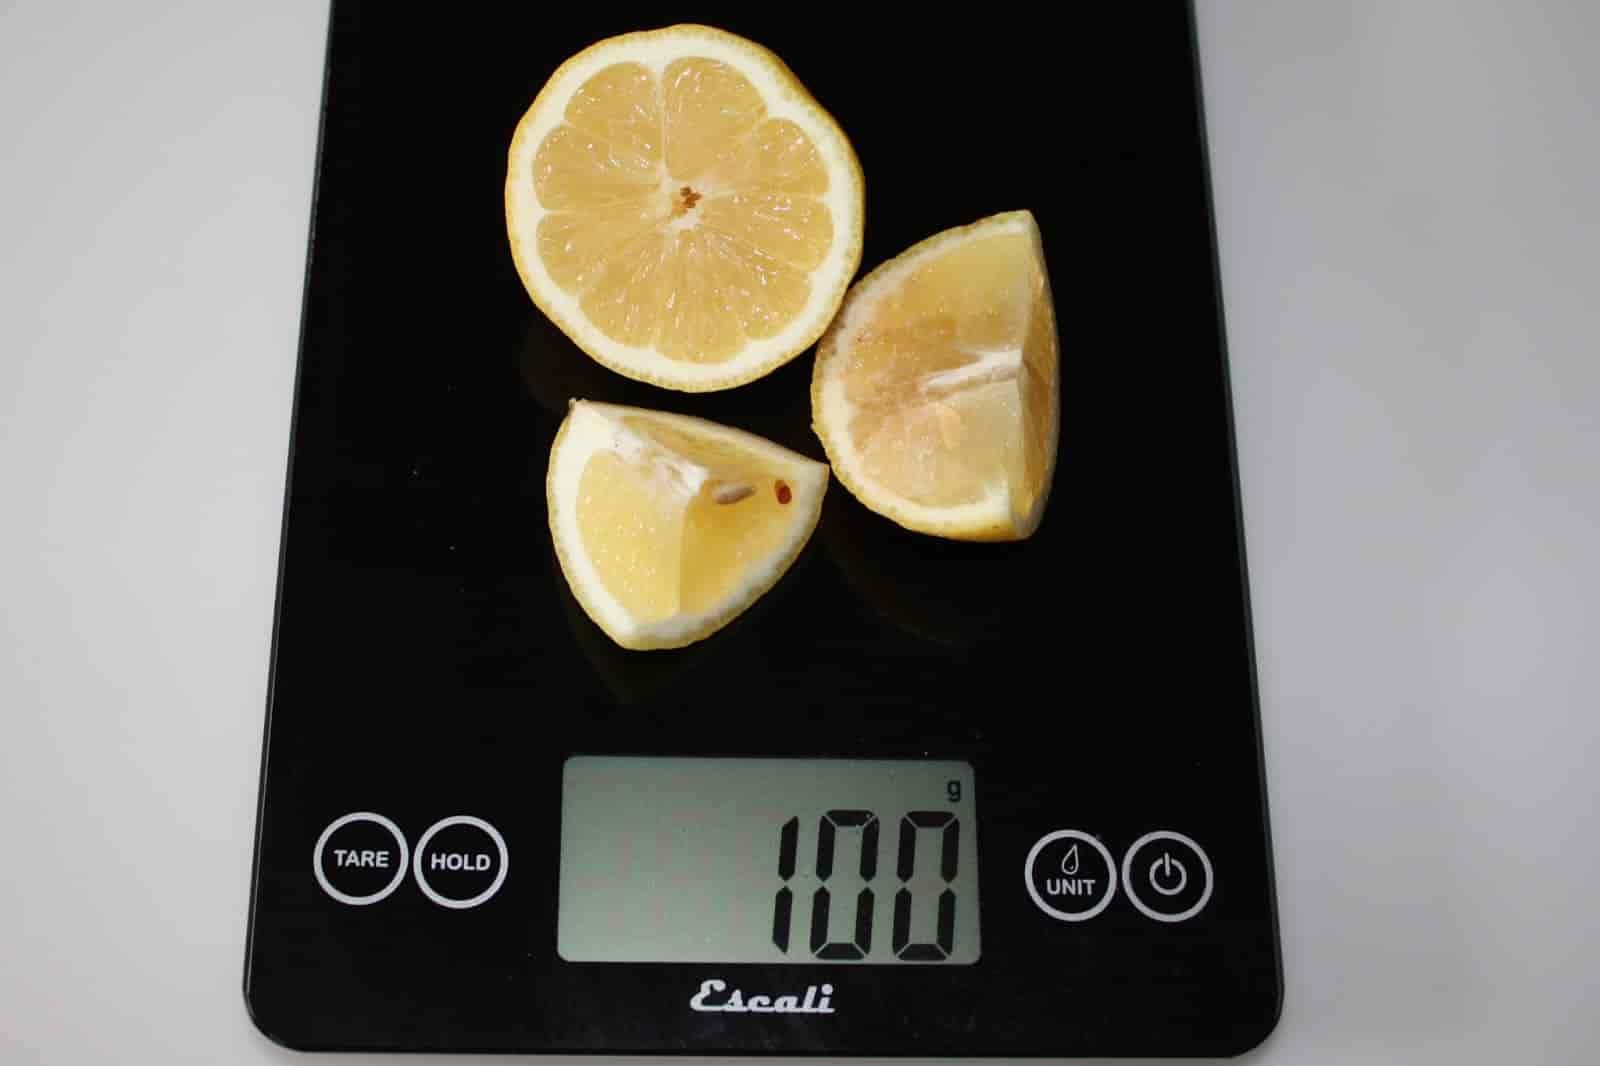 100 грамм лимона (Вес продуктов)